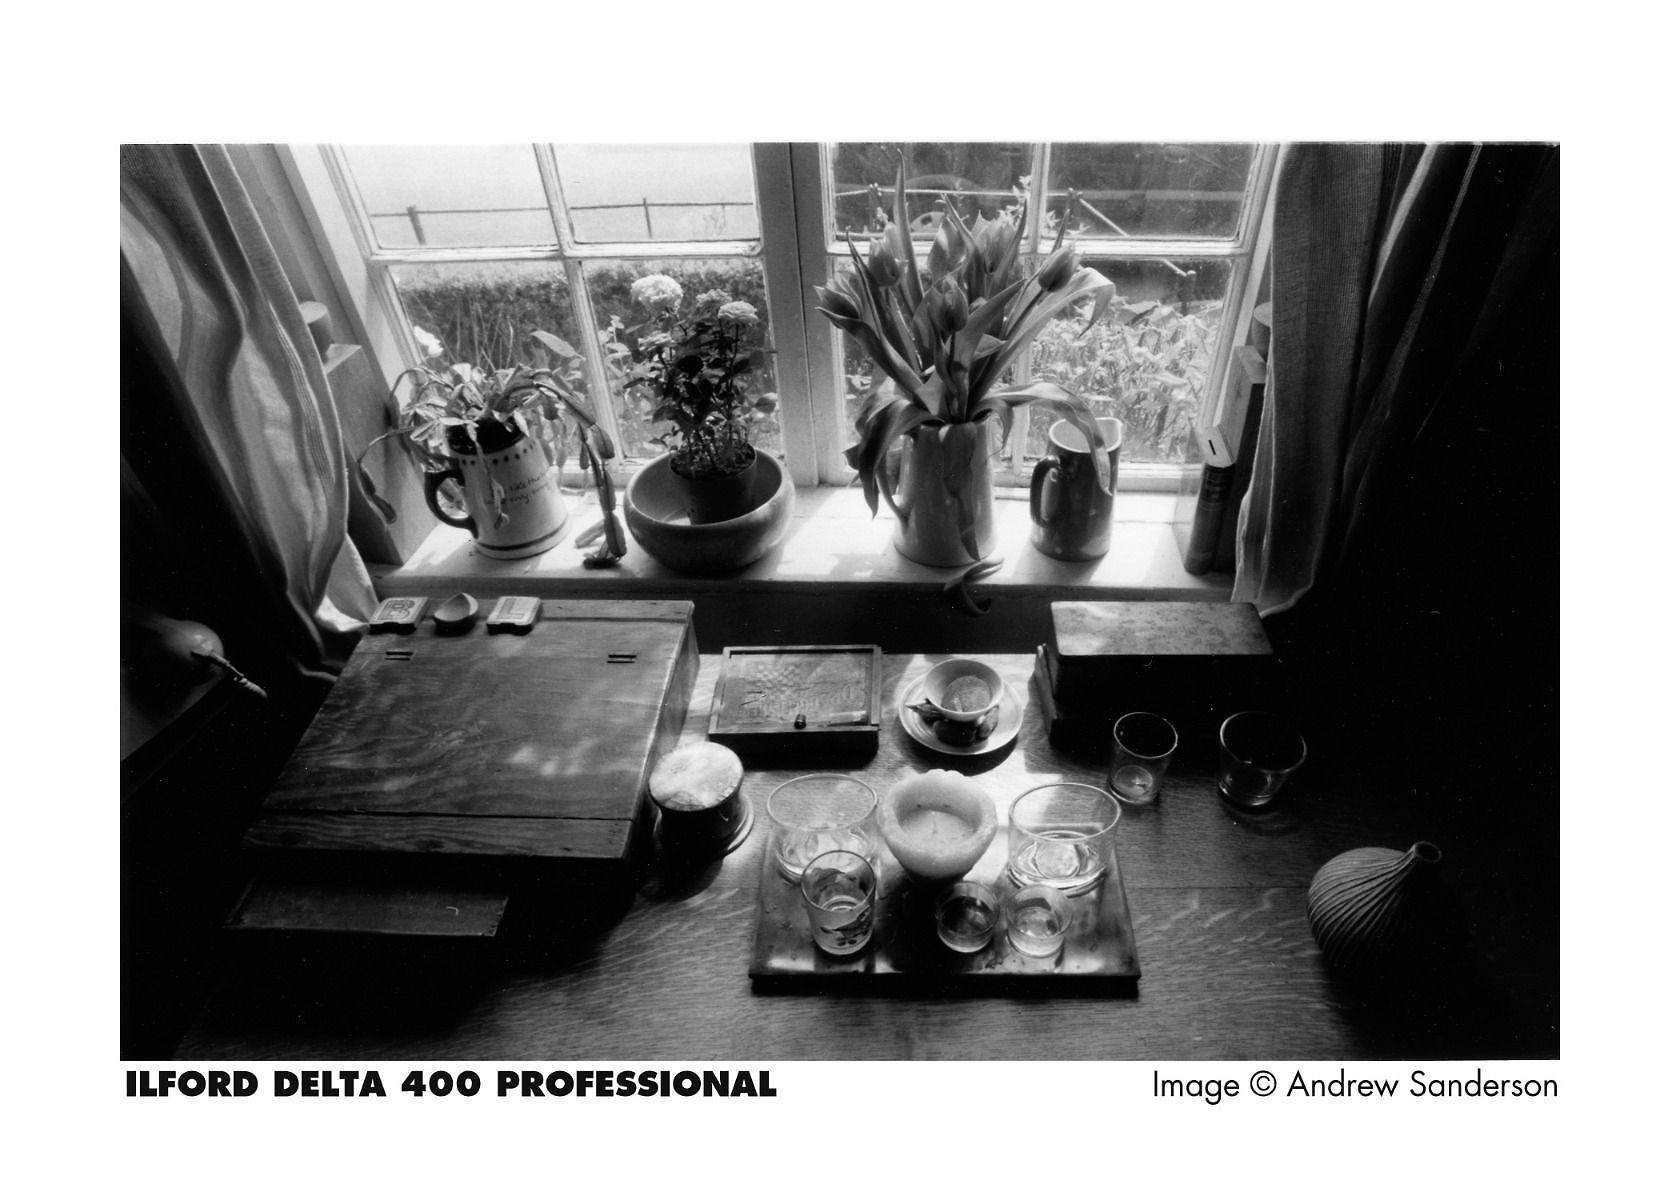 Ilford Delta 400 35mm Black and White Film Image